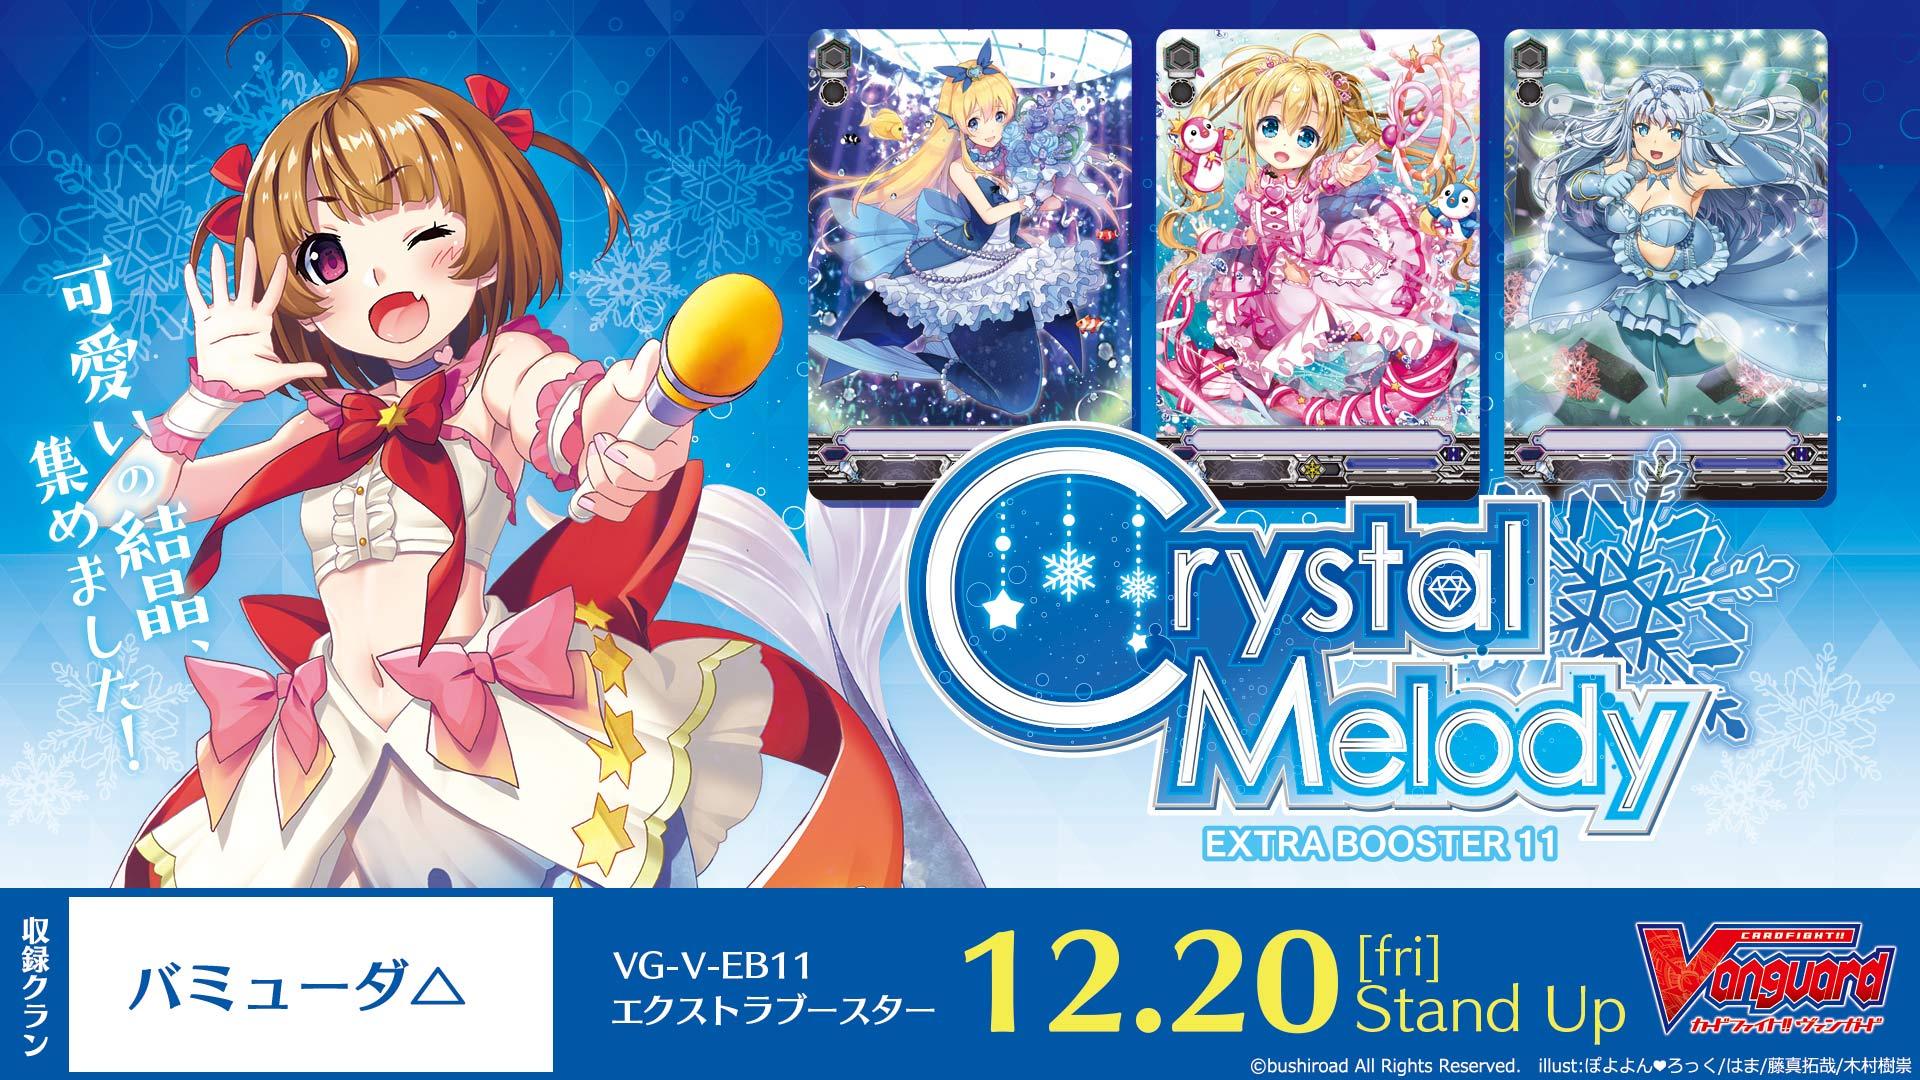 【V-EB11】「Crystal Melody」